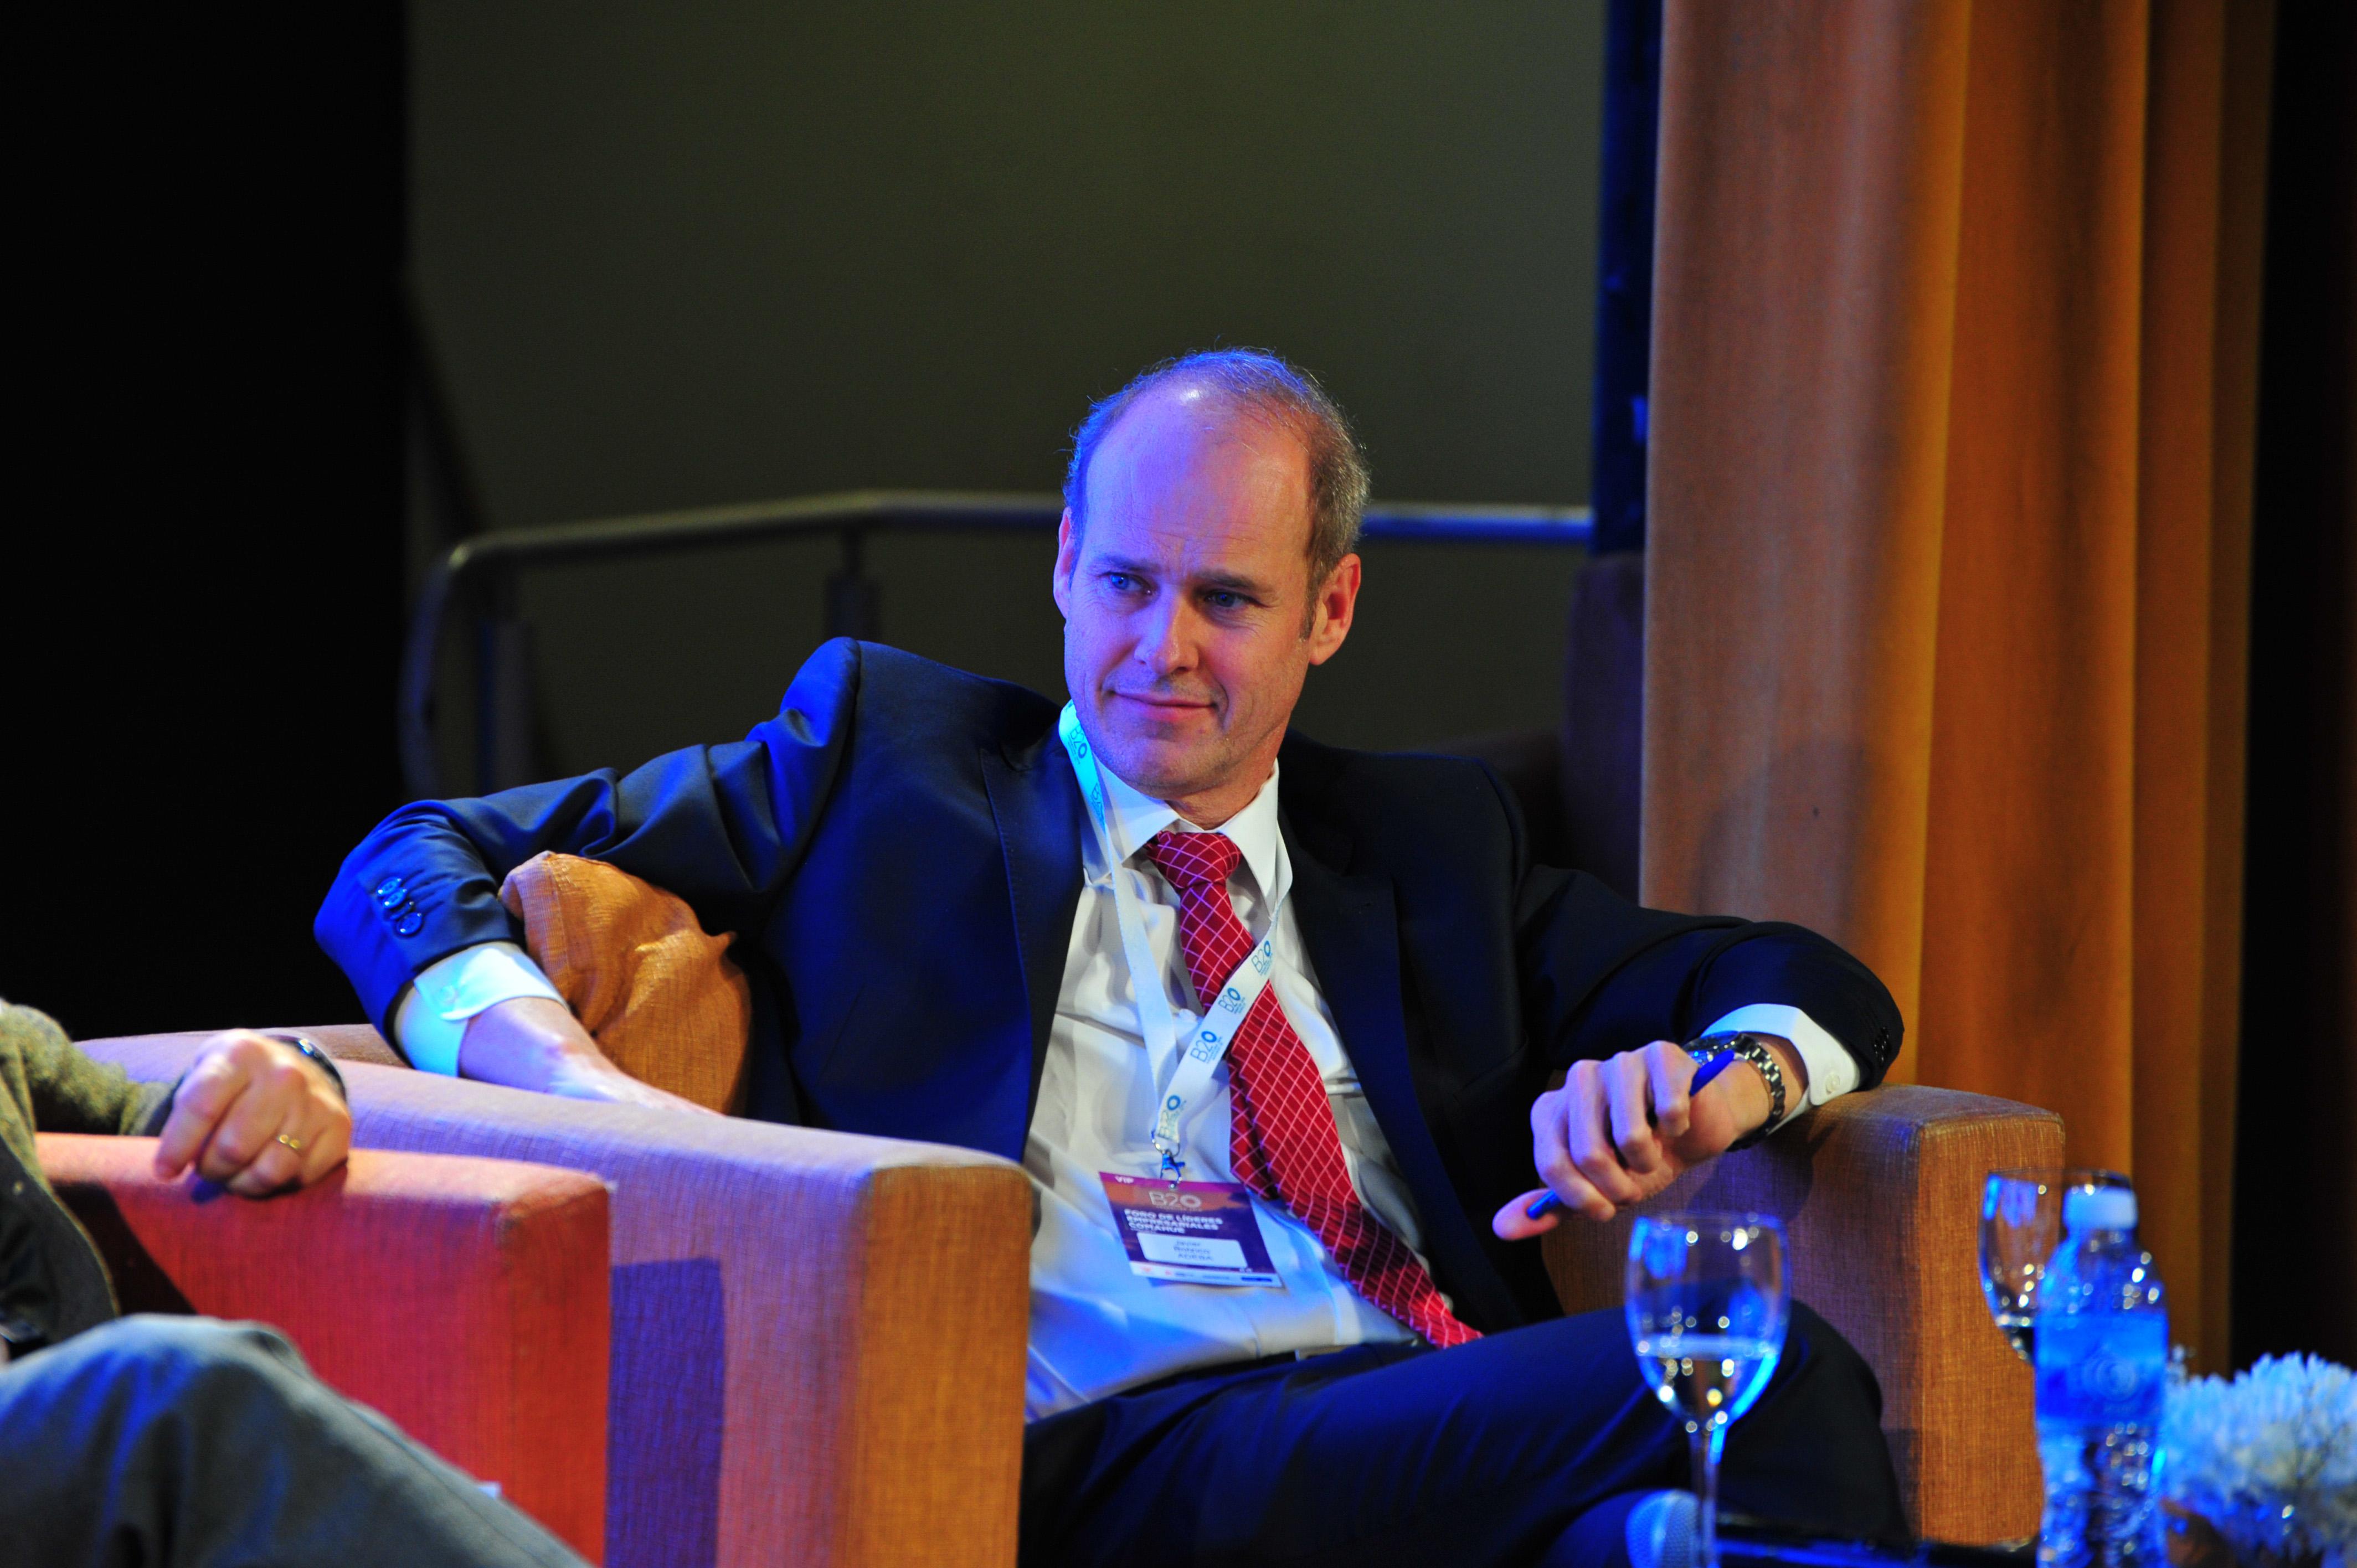 Foro de Líderes Empresariales Comahue – Javier Bolzico, presidente de ADEBA